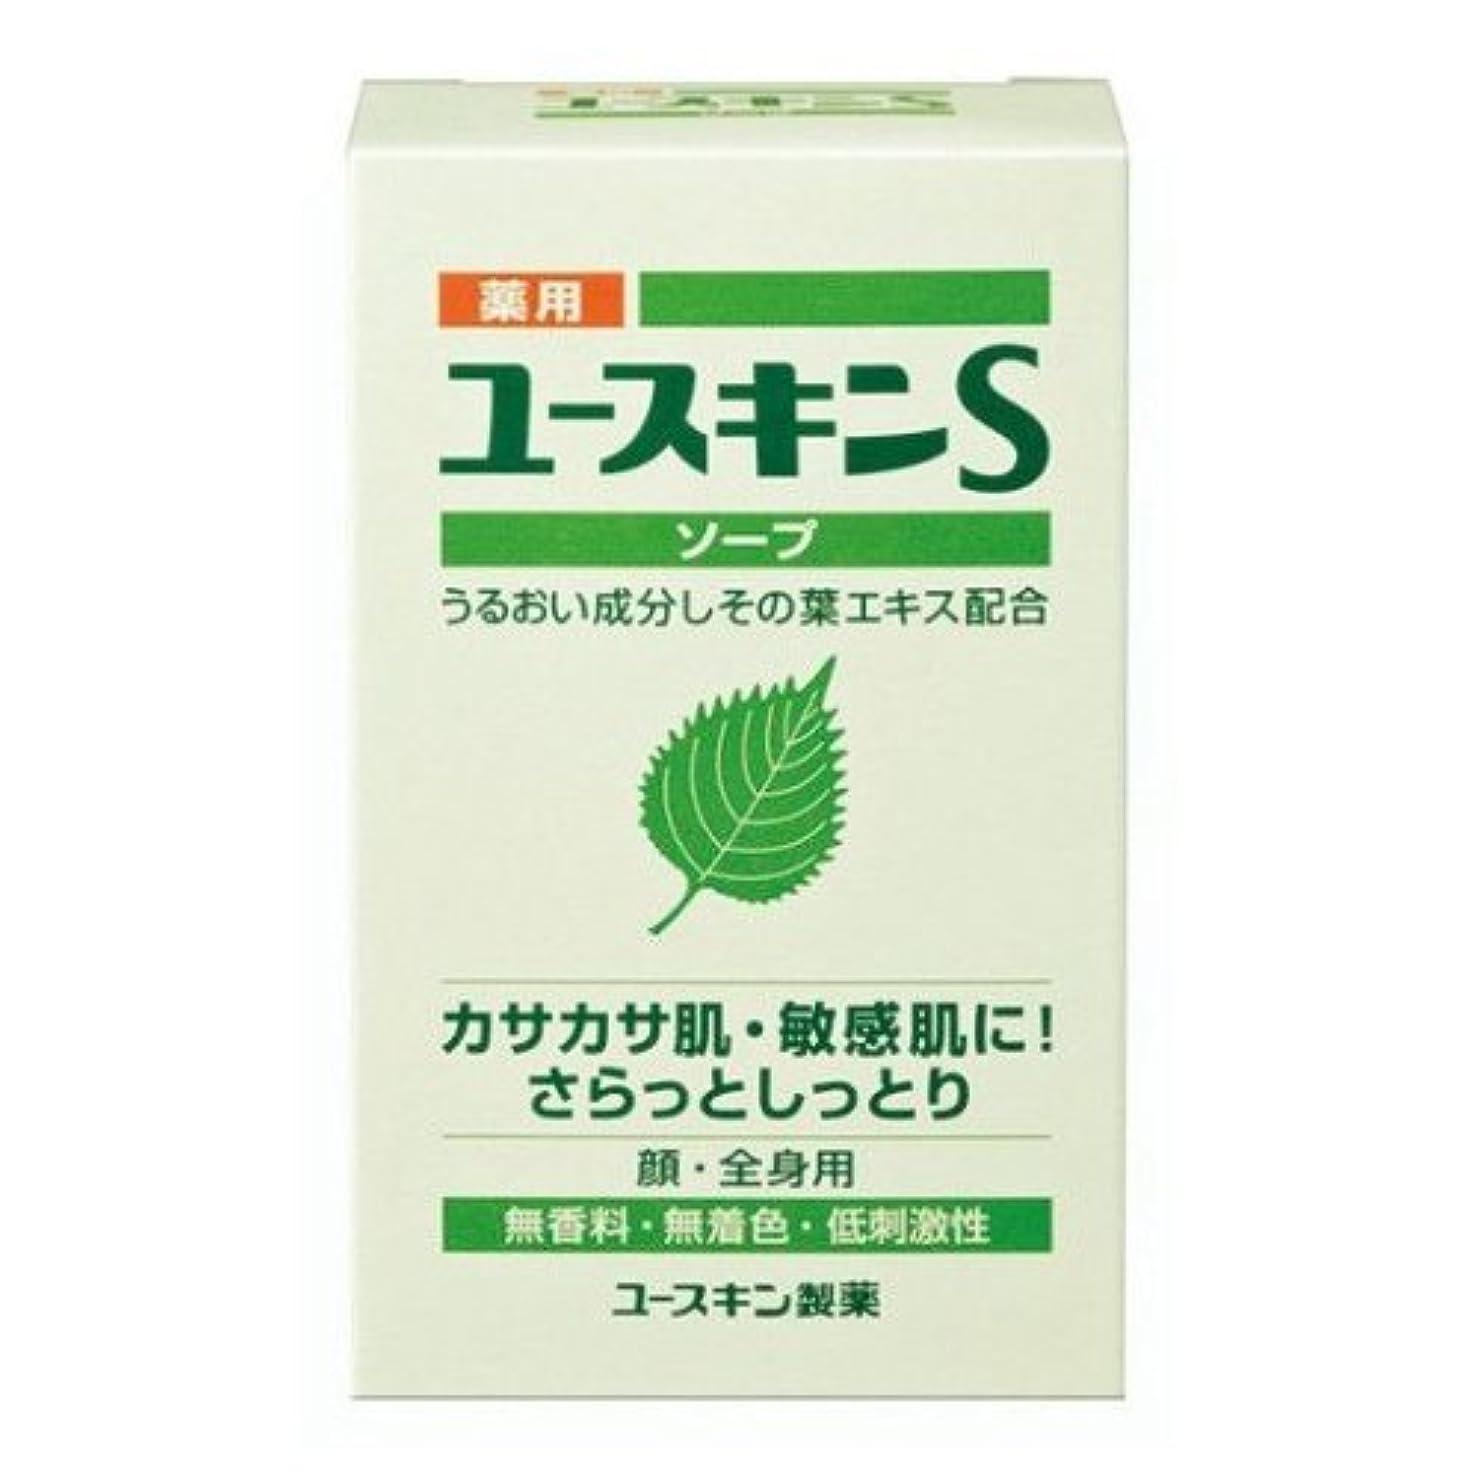 チャット有罪お気に入り薬用ユースキンS ソープ 90g (敏感肌用 透明石鹸) 【医薬部外品】